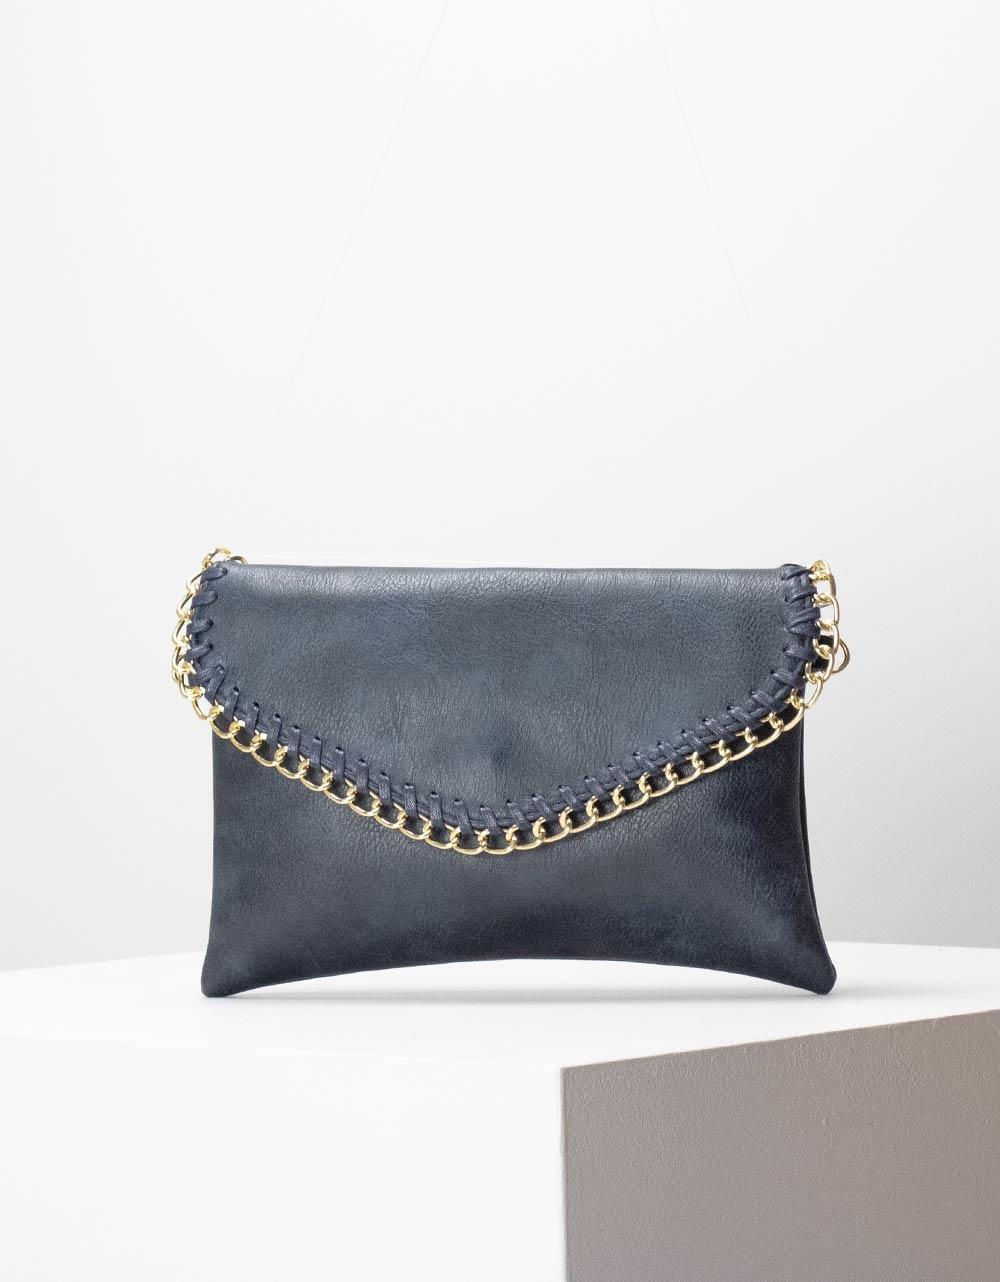 Εικόνα από Γυναικεία τσάντα ώμου με διακοσμητική αλυσίδα στο καπάκι Μπλε